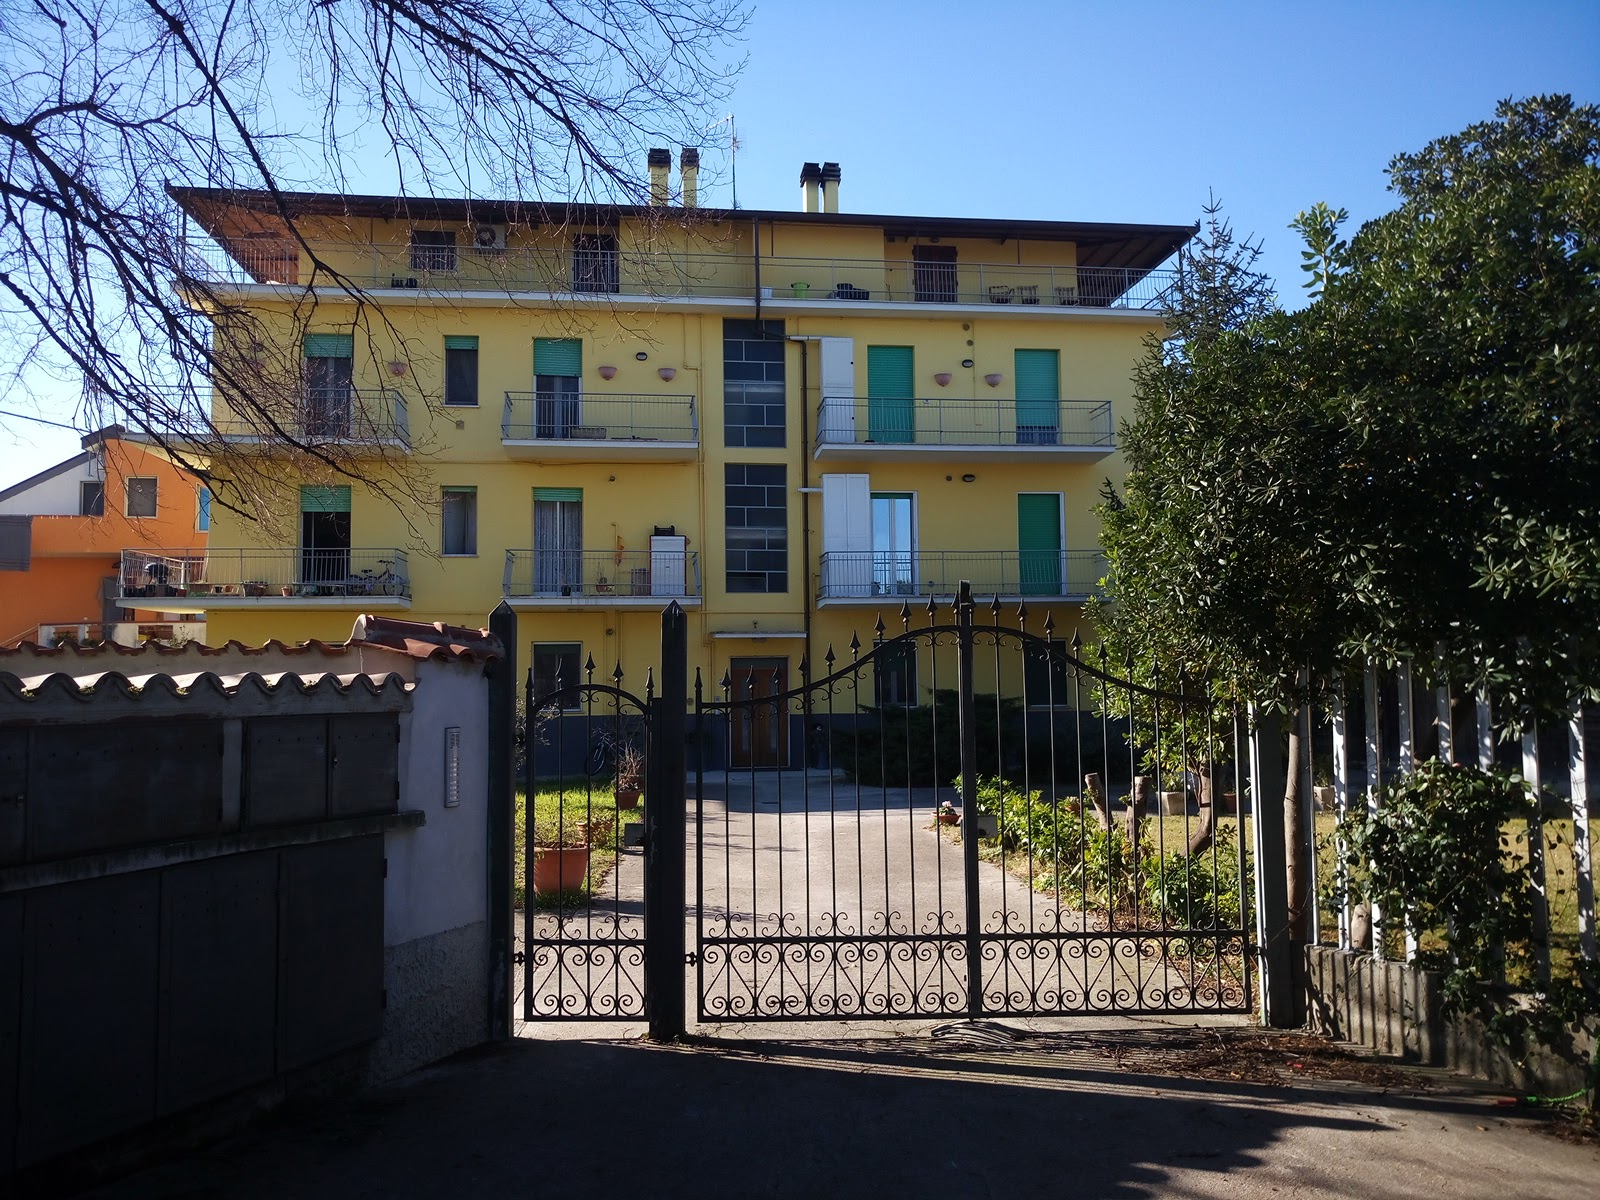 Appartamento in vendita a Chieti, 1 locali, zona Località: Scalo-Università, prezzo € 45.000 | PortaleAgenzieImmobiliari.it